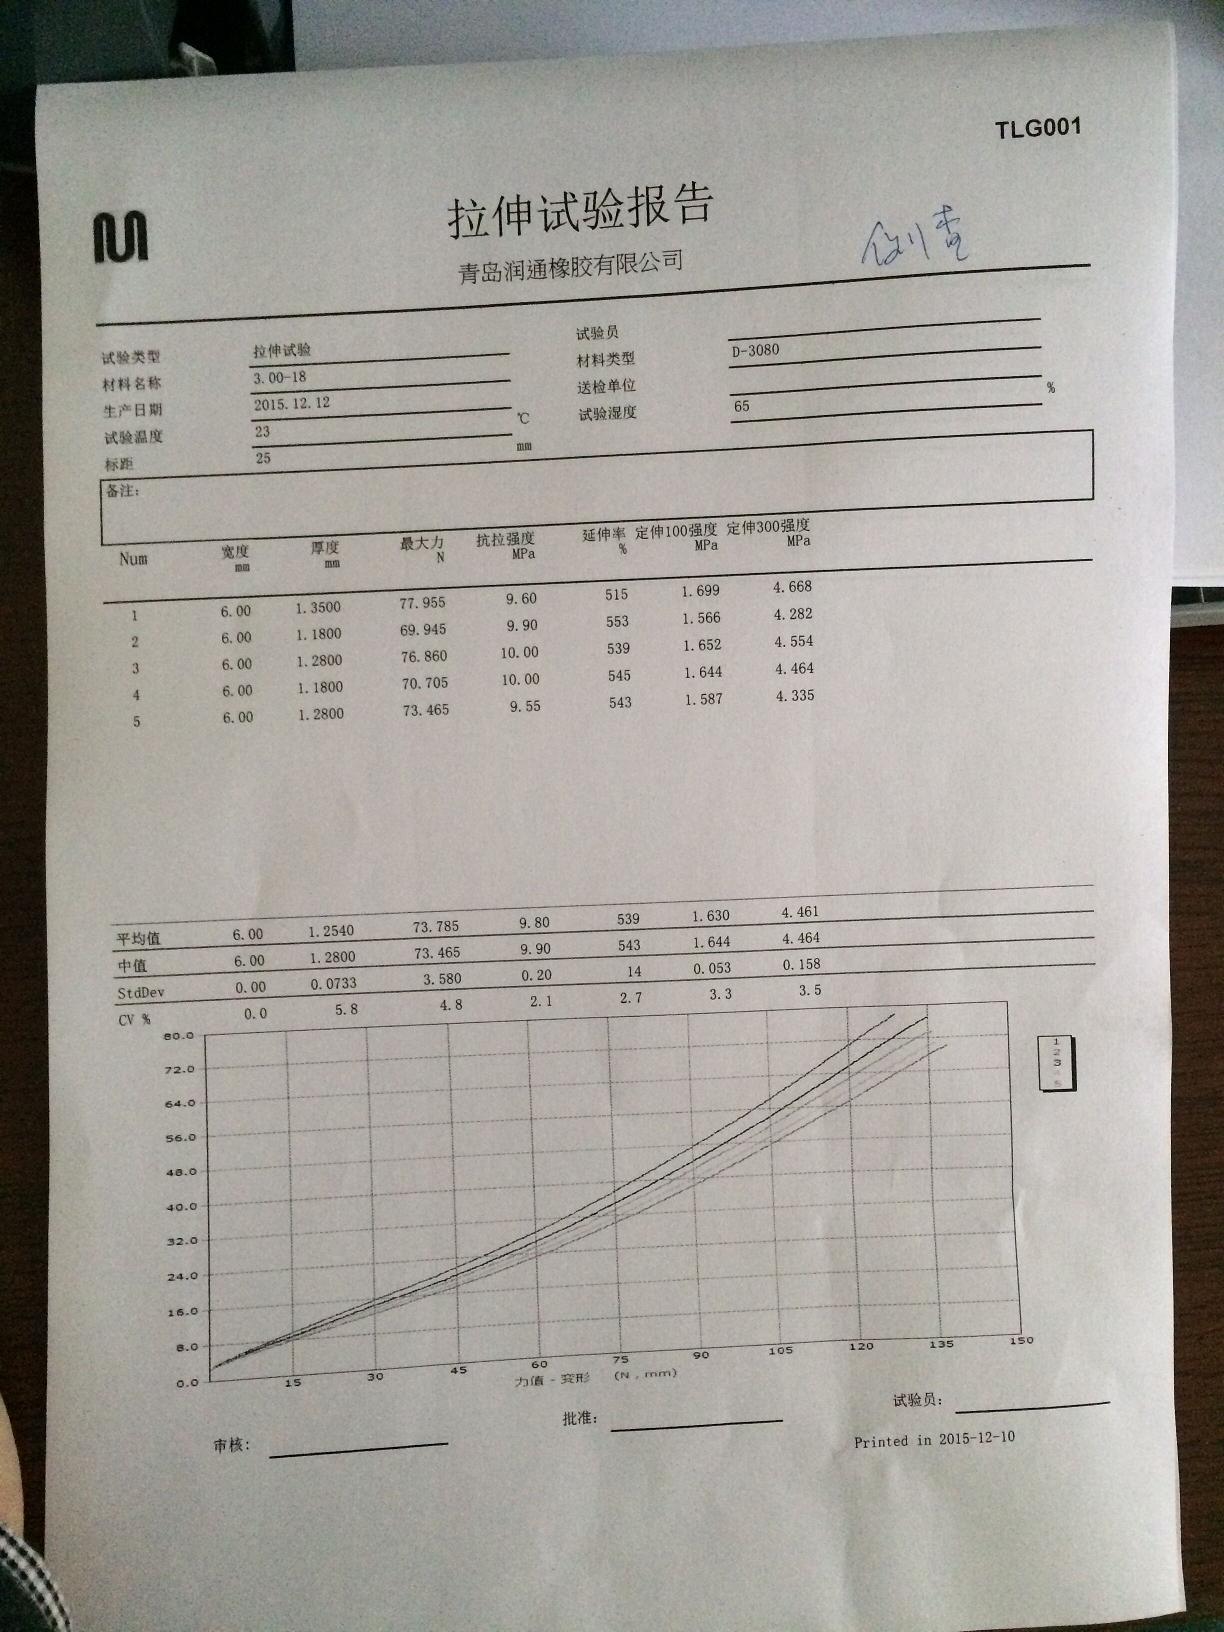 300-18 tube testing report